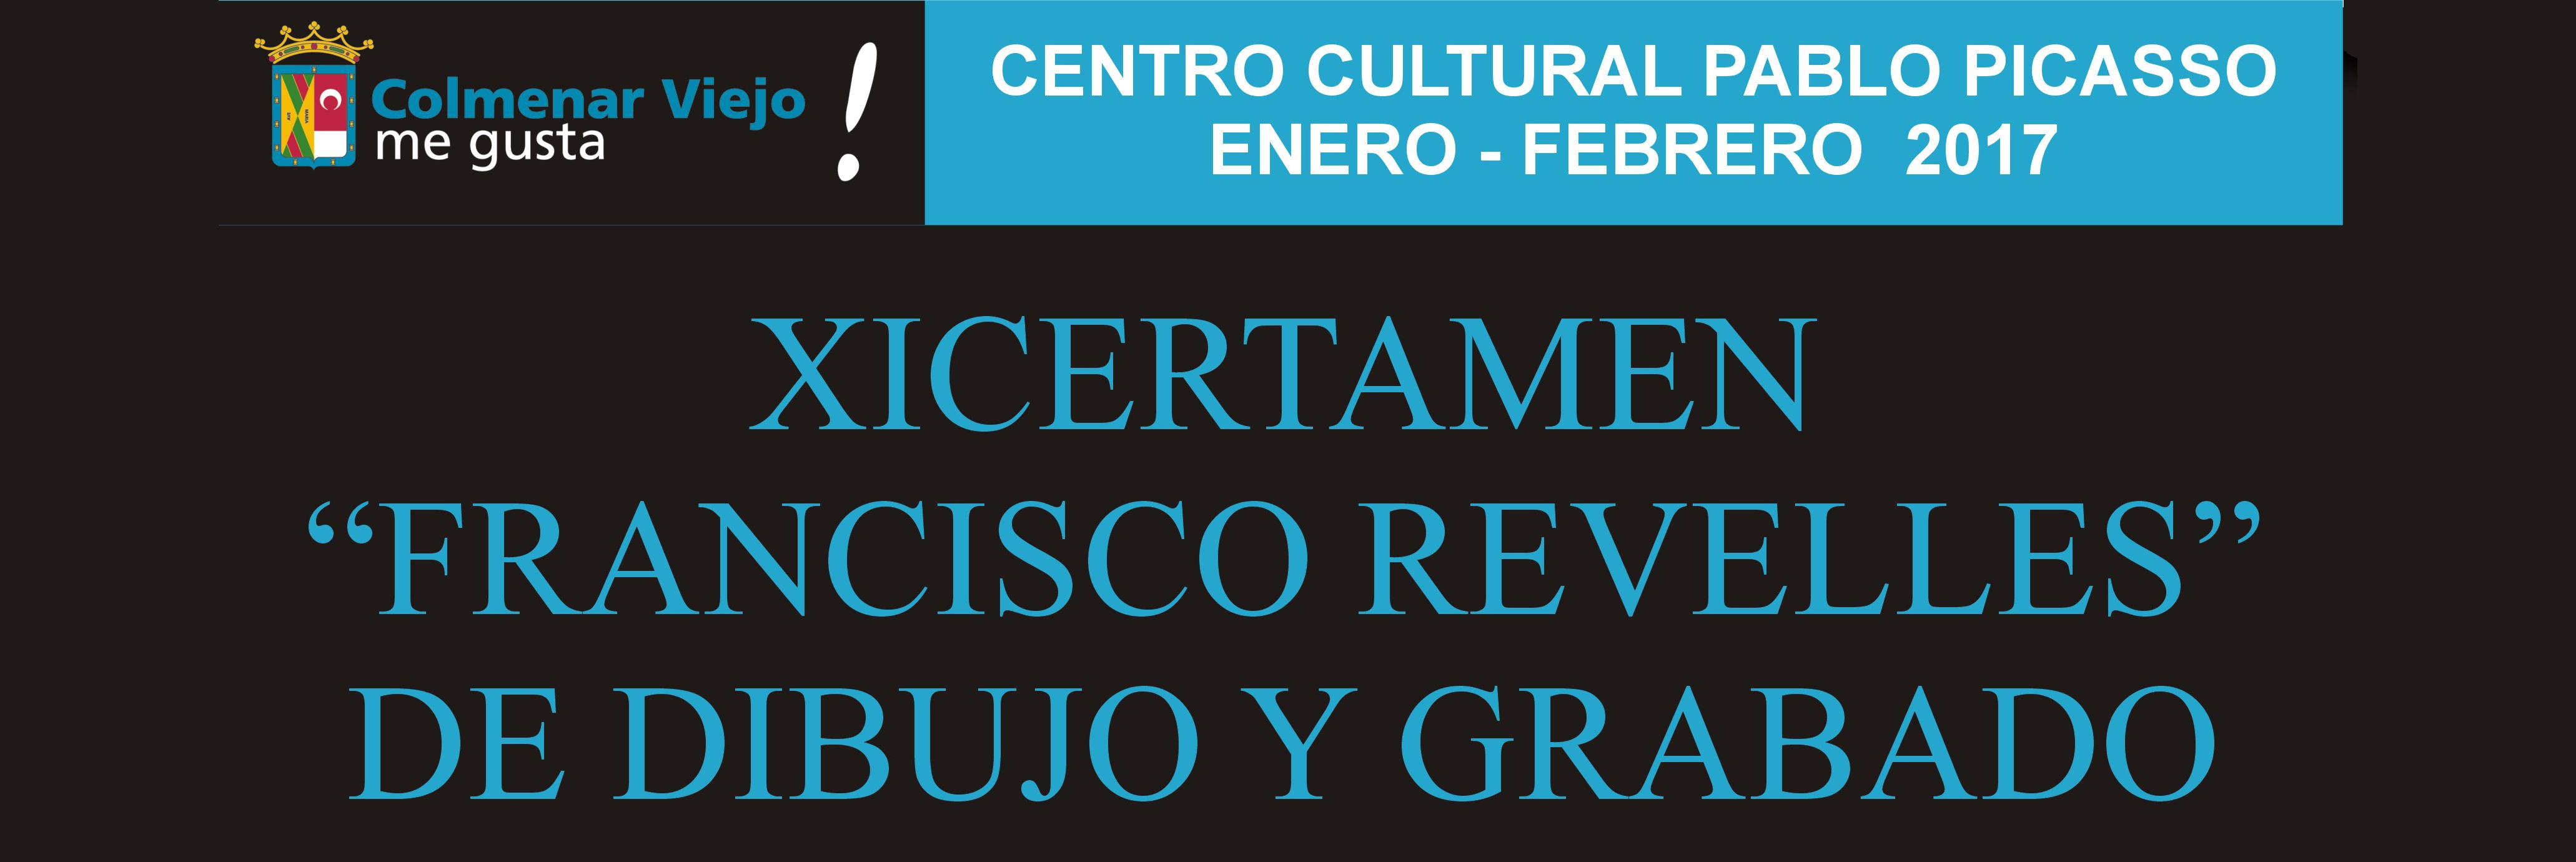 """Exposición XI Certamen """"Francisco Revelles"""" de Dibujo y Grabado"""